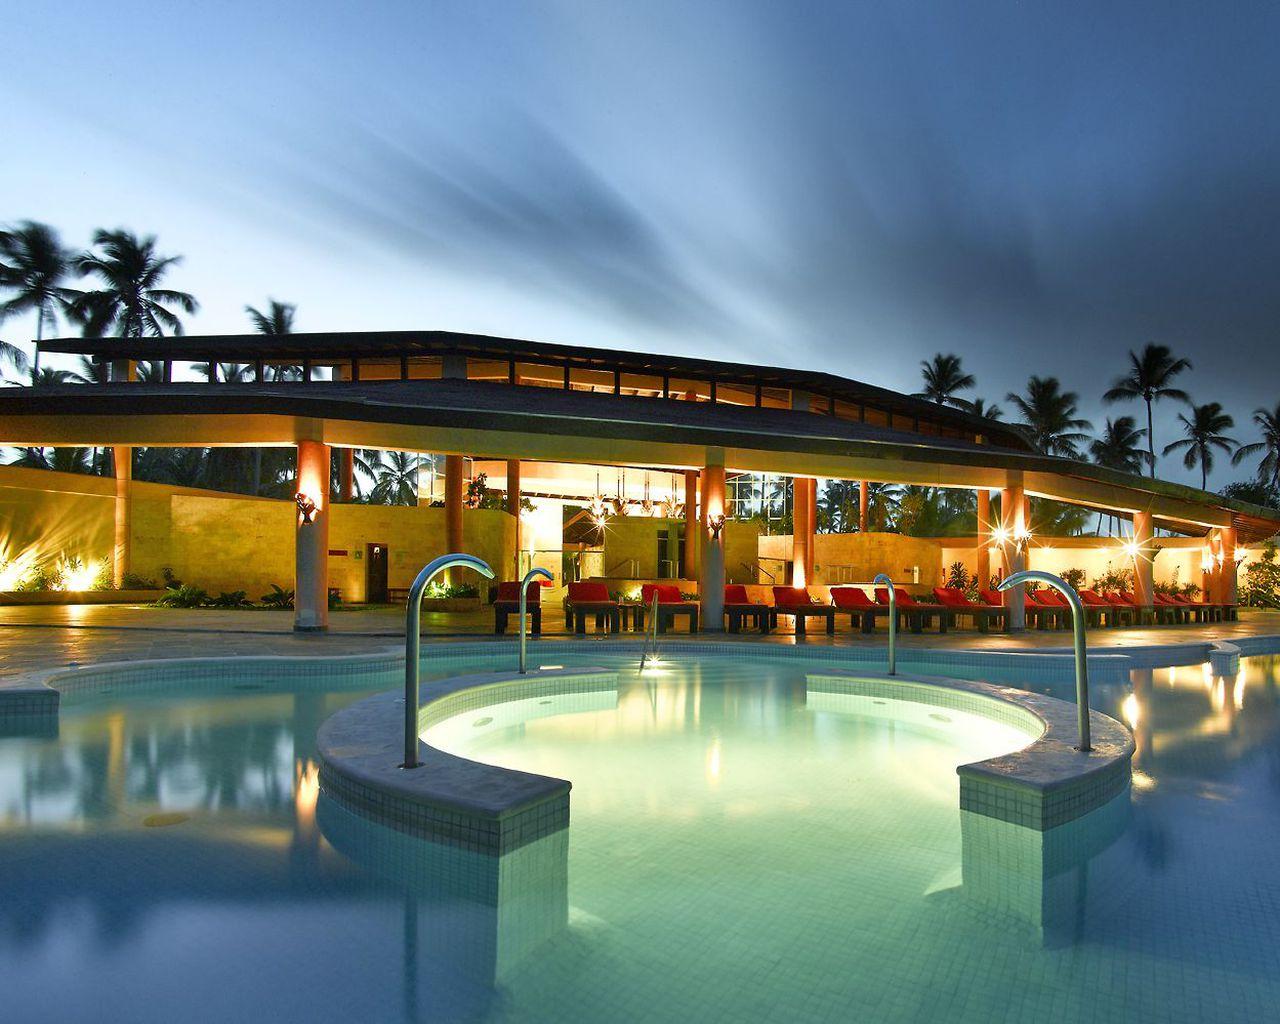 Punta cana hoteles 5 estrellas felicesvacaciones - Hotel cinco estrellas granada ...